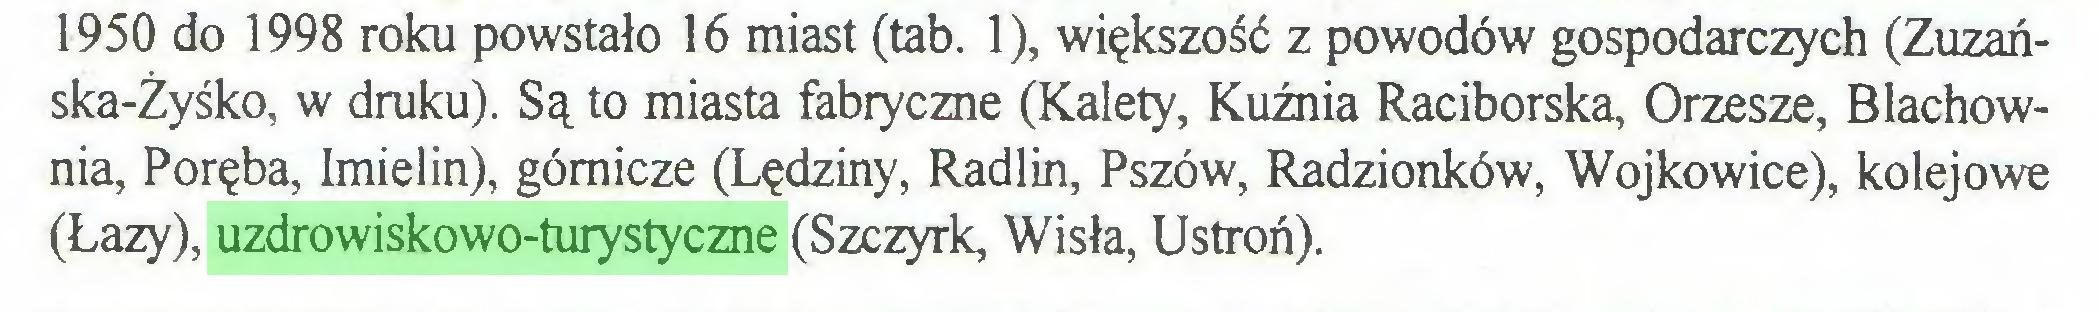 (...) 1950 do 1998 roku powstało 16 miast (tab. 1), większość z powodów gospodarczych (Zuzańska-Żyśko, w druku). Są to miasta fabryczne (Kalety, Kuźnia Raciborska, Orzesze, Blachownia, Poręba, Imielin), górnicze (Lędziny, Radlin, Pszów, Radzionków, Wojkowice), kolejowe (Łazy), uzdrowiskowo-turystyczne (Szczyrk, Wisła, Ustroń)...